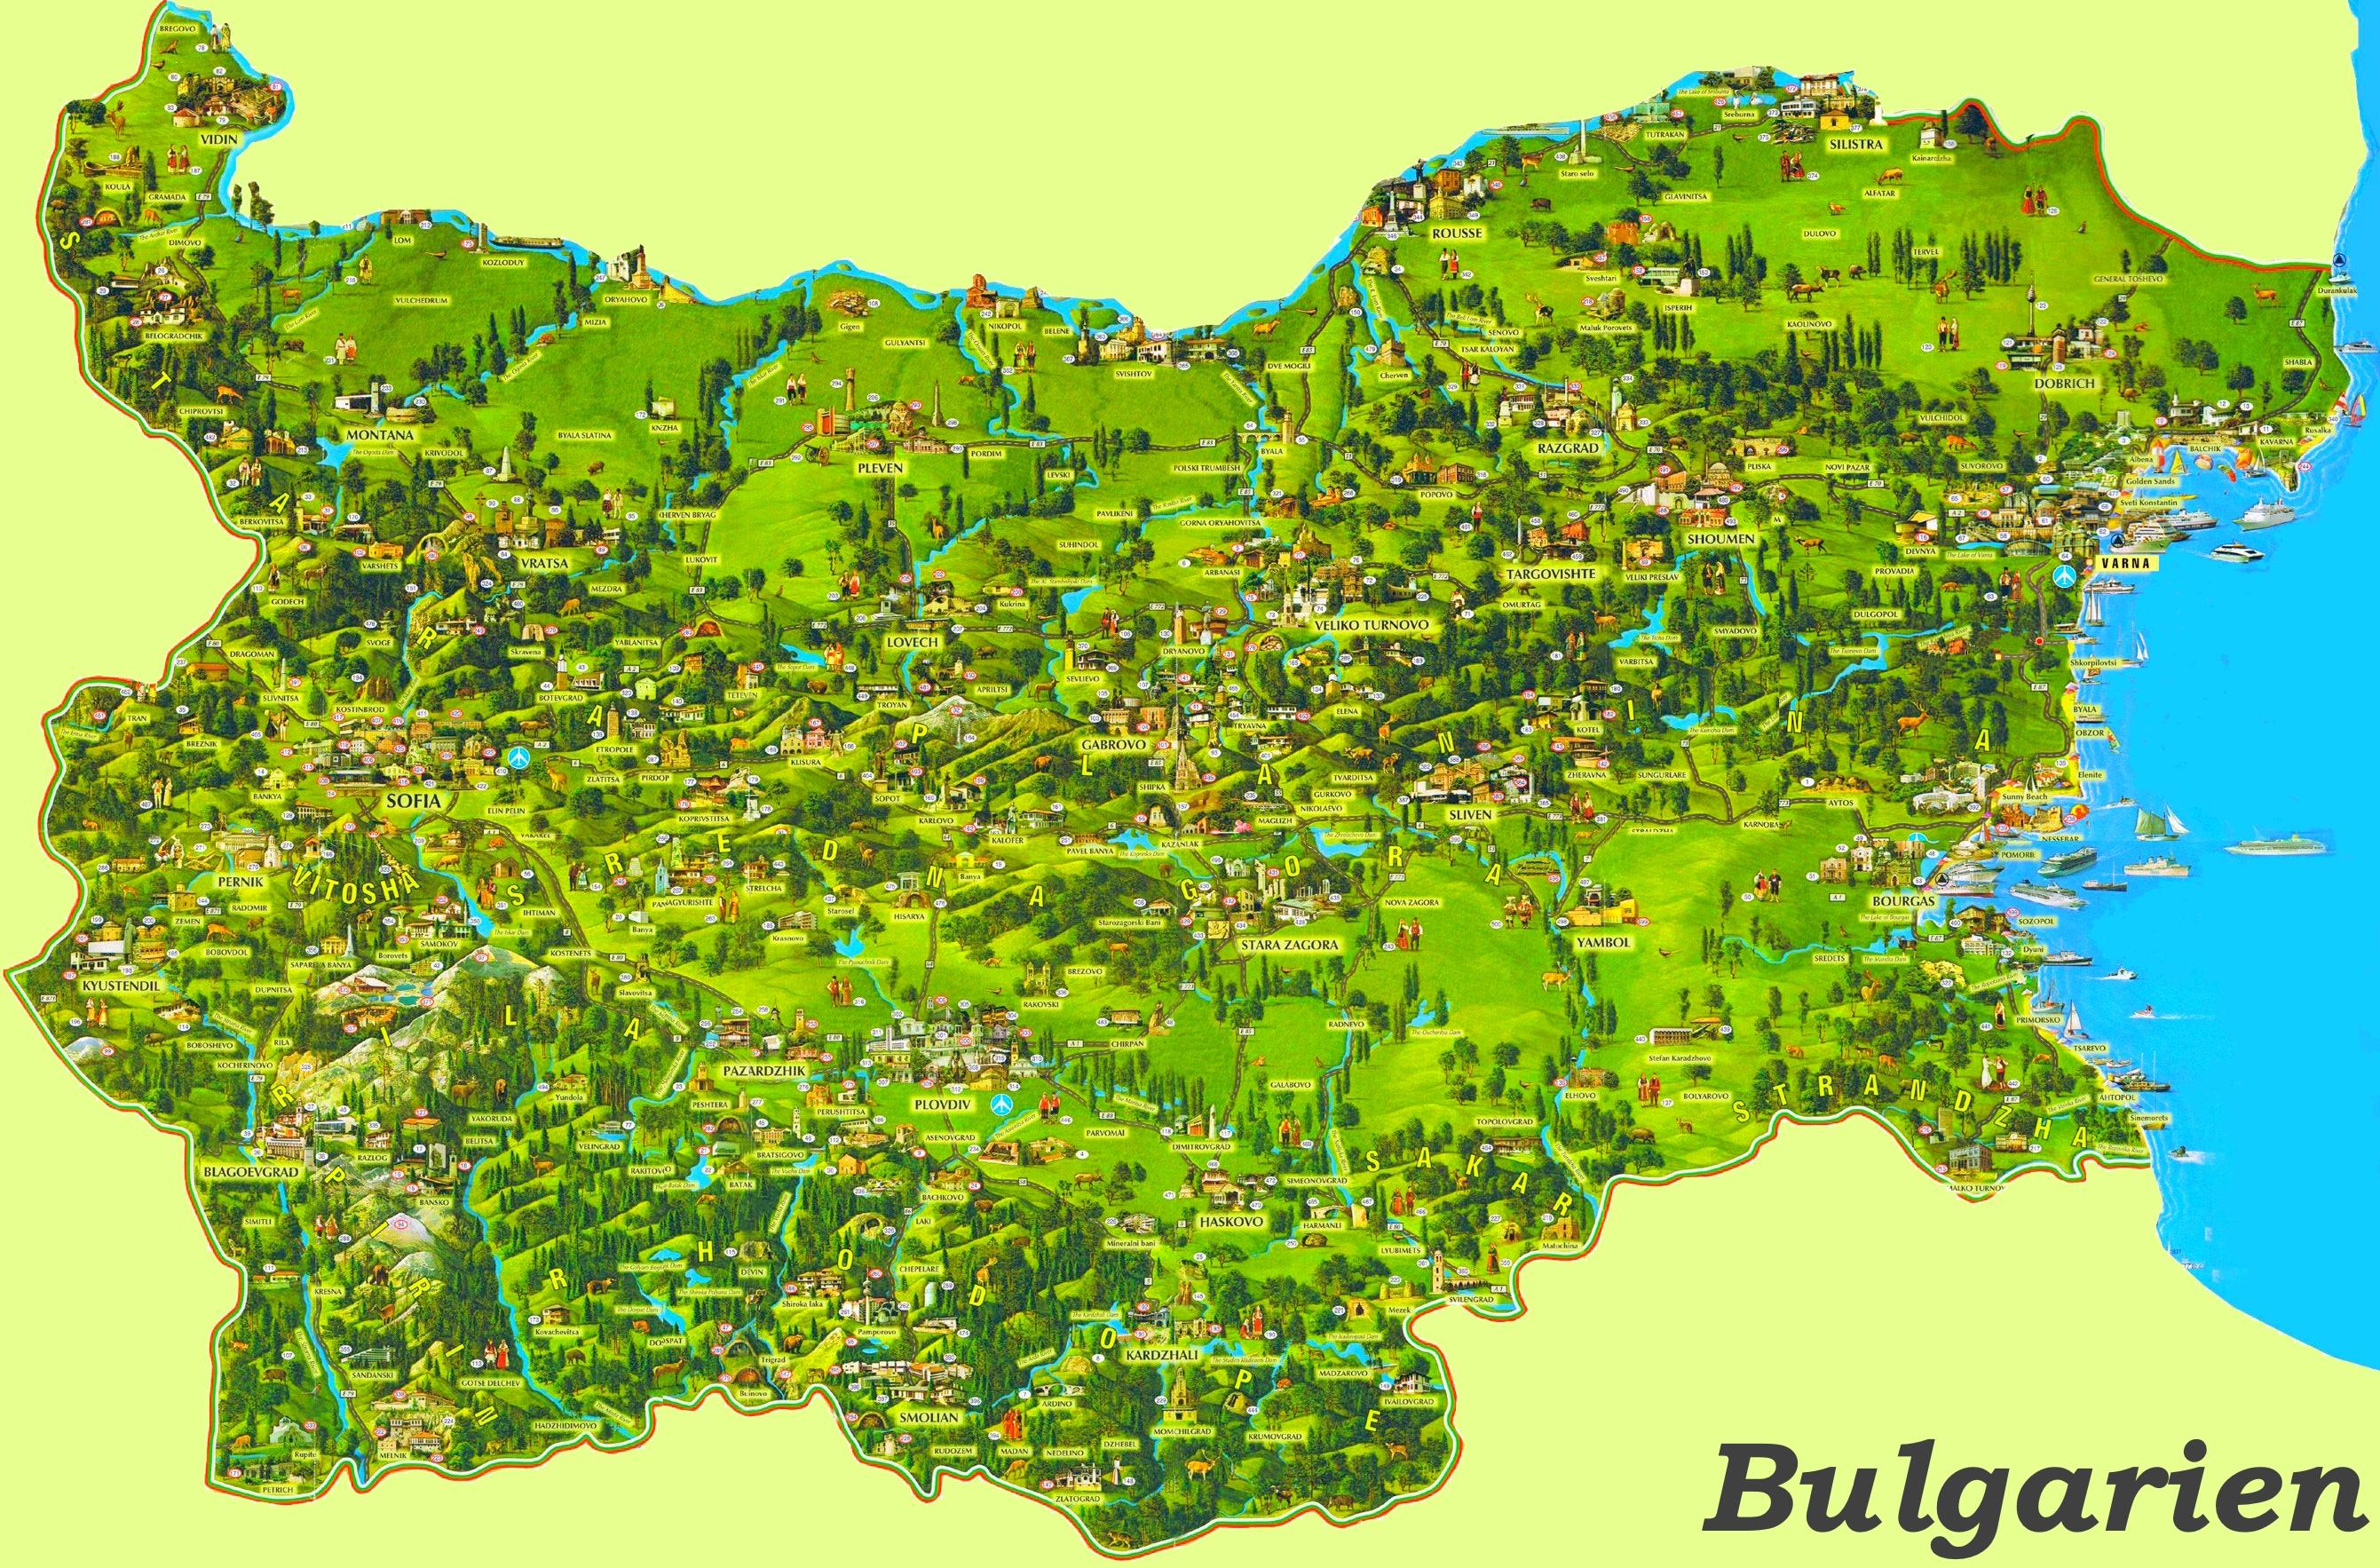 Karte Bulgarien.Bulgarien Touristische Karte